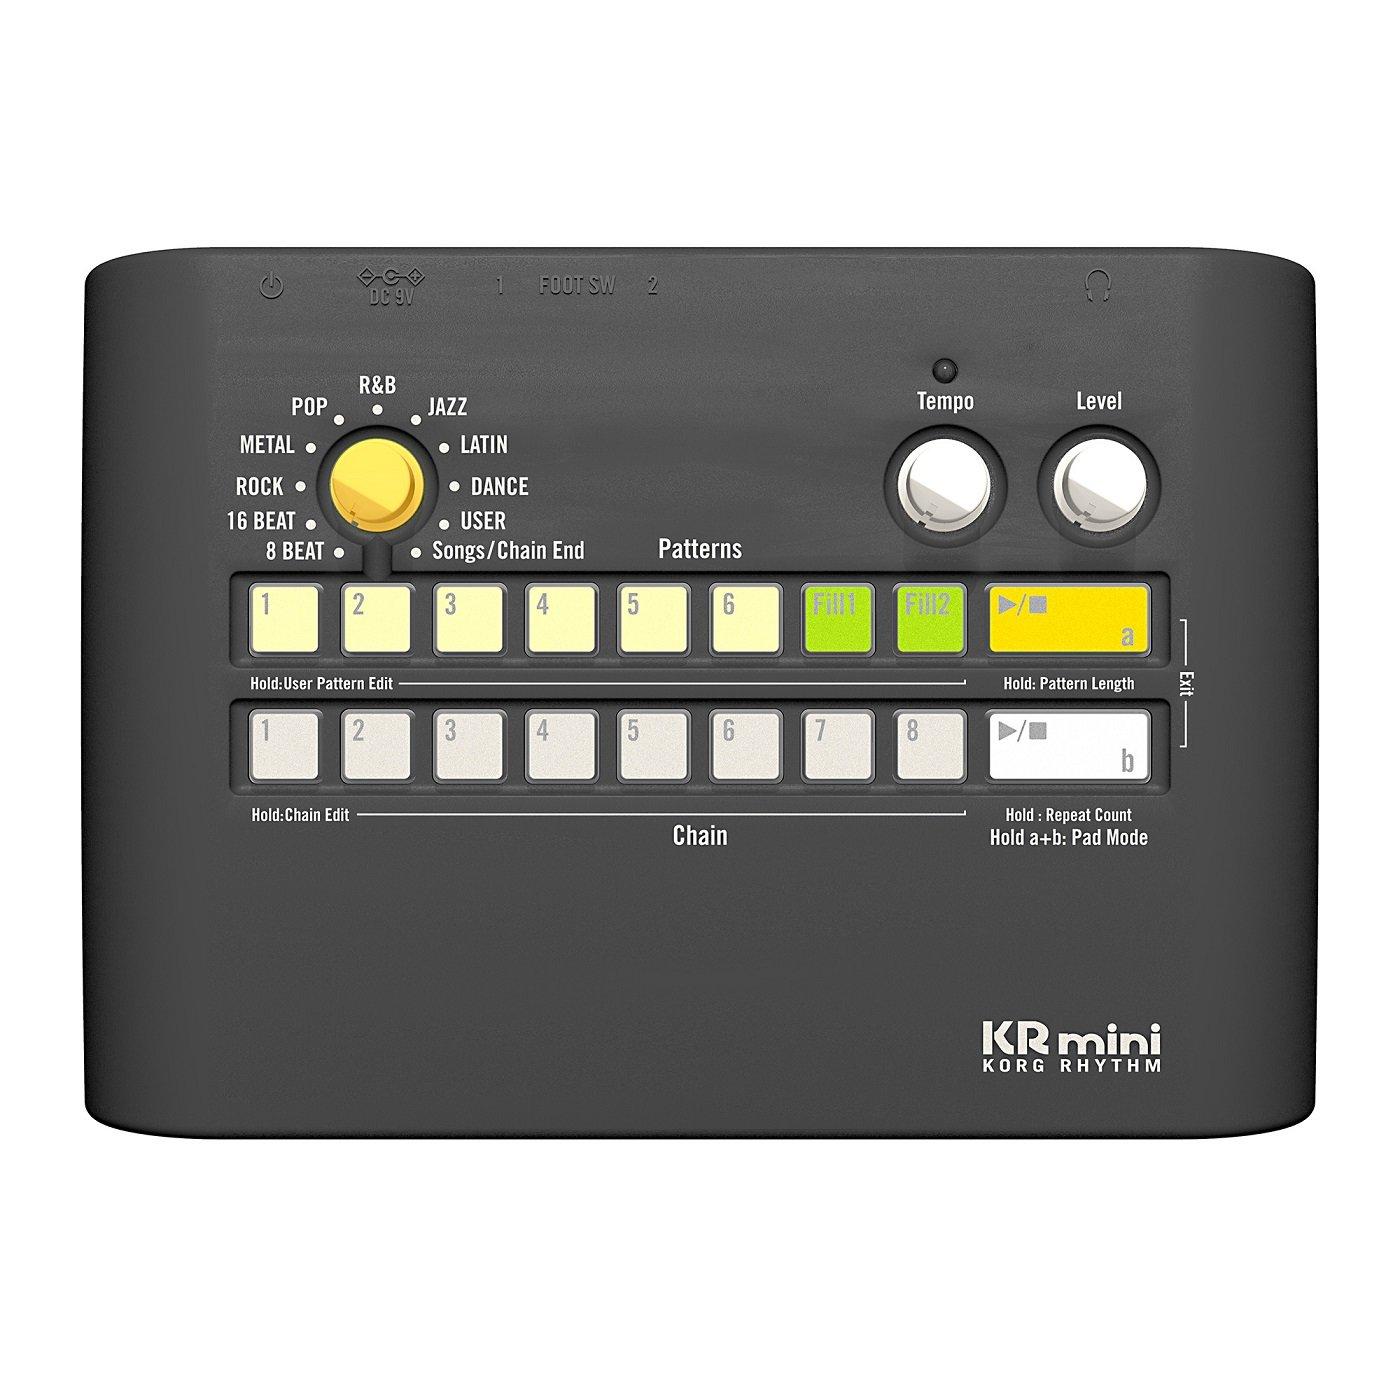 KORG KR-mini драм-машина, 60 ритмических рисунков, 120 сбивок.